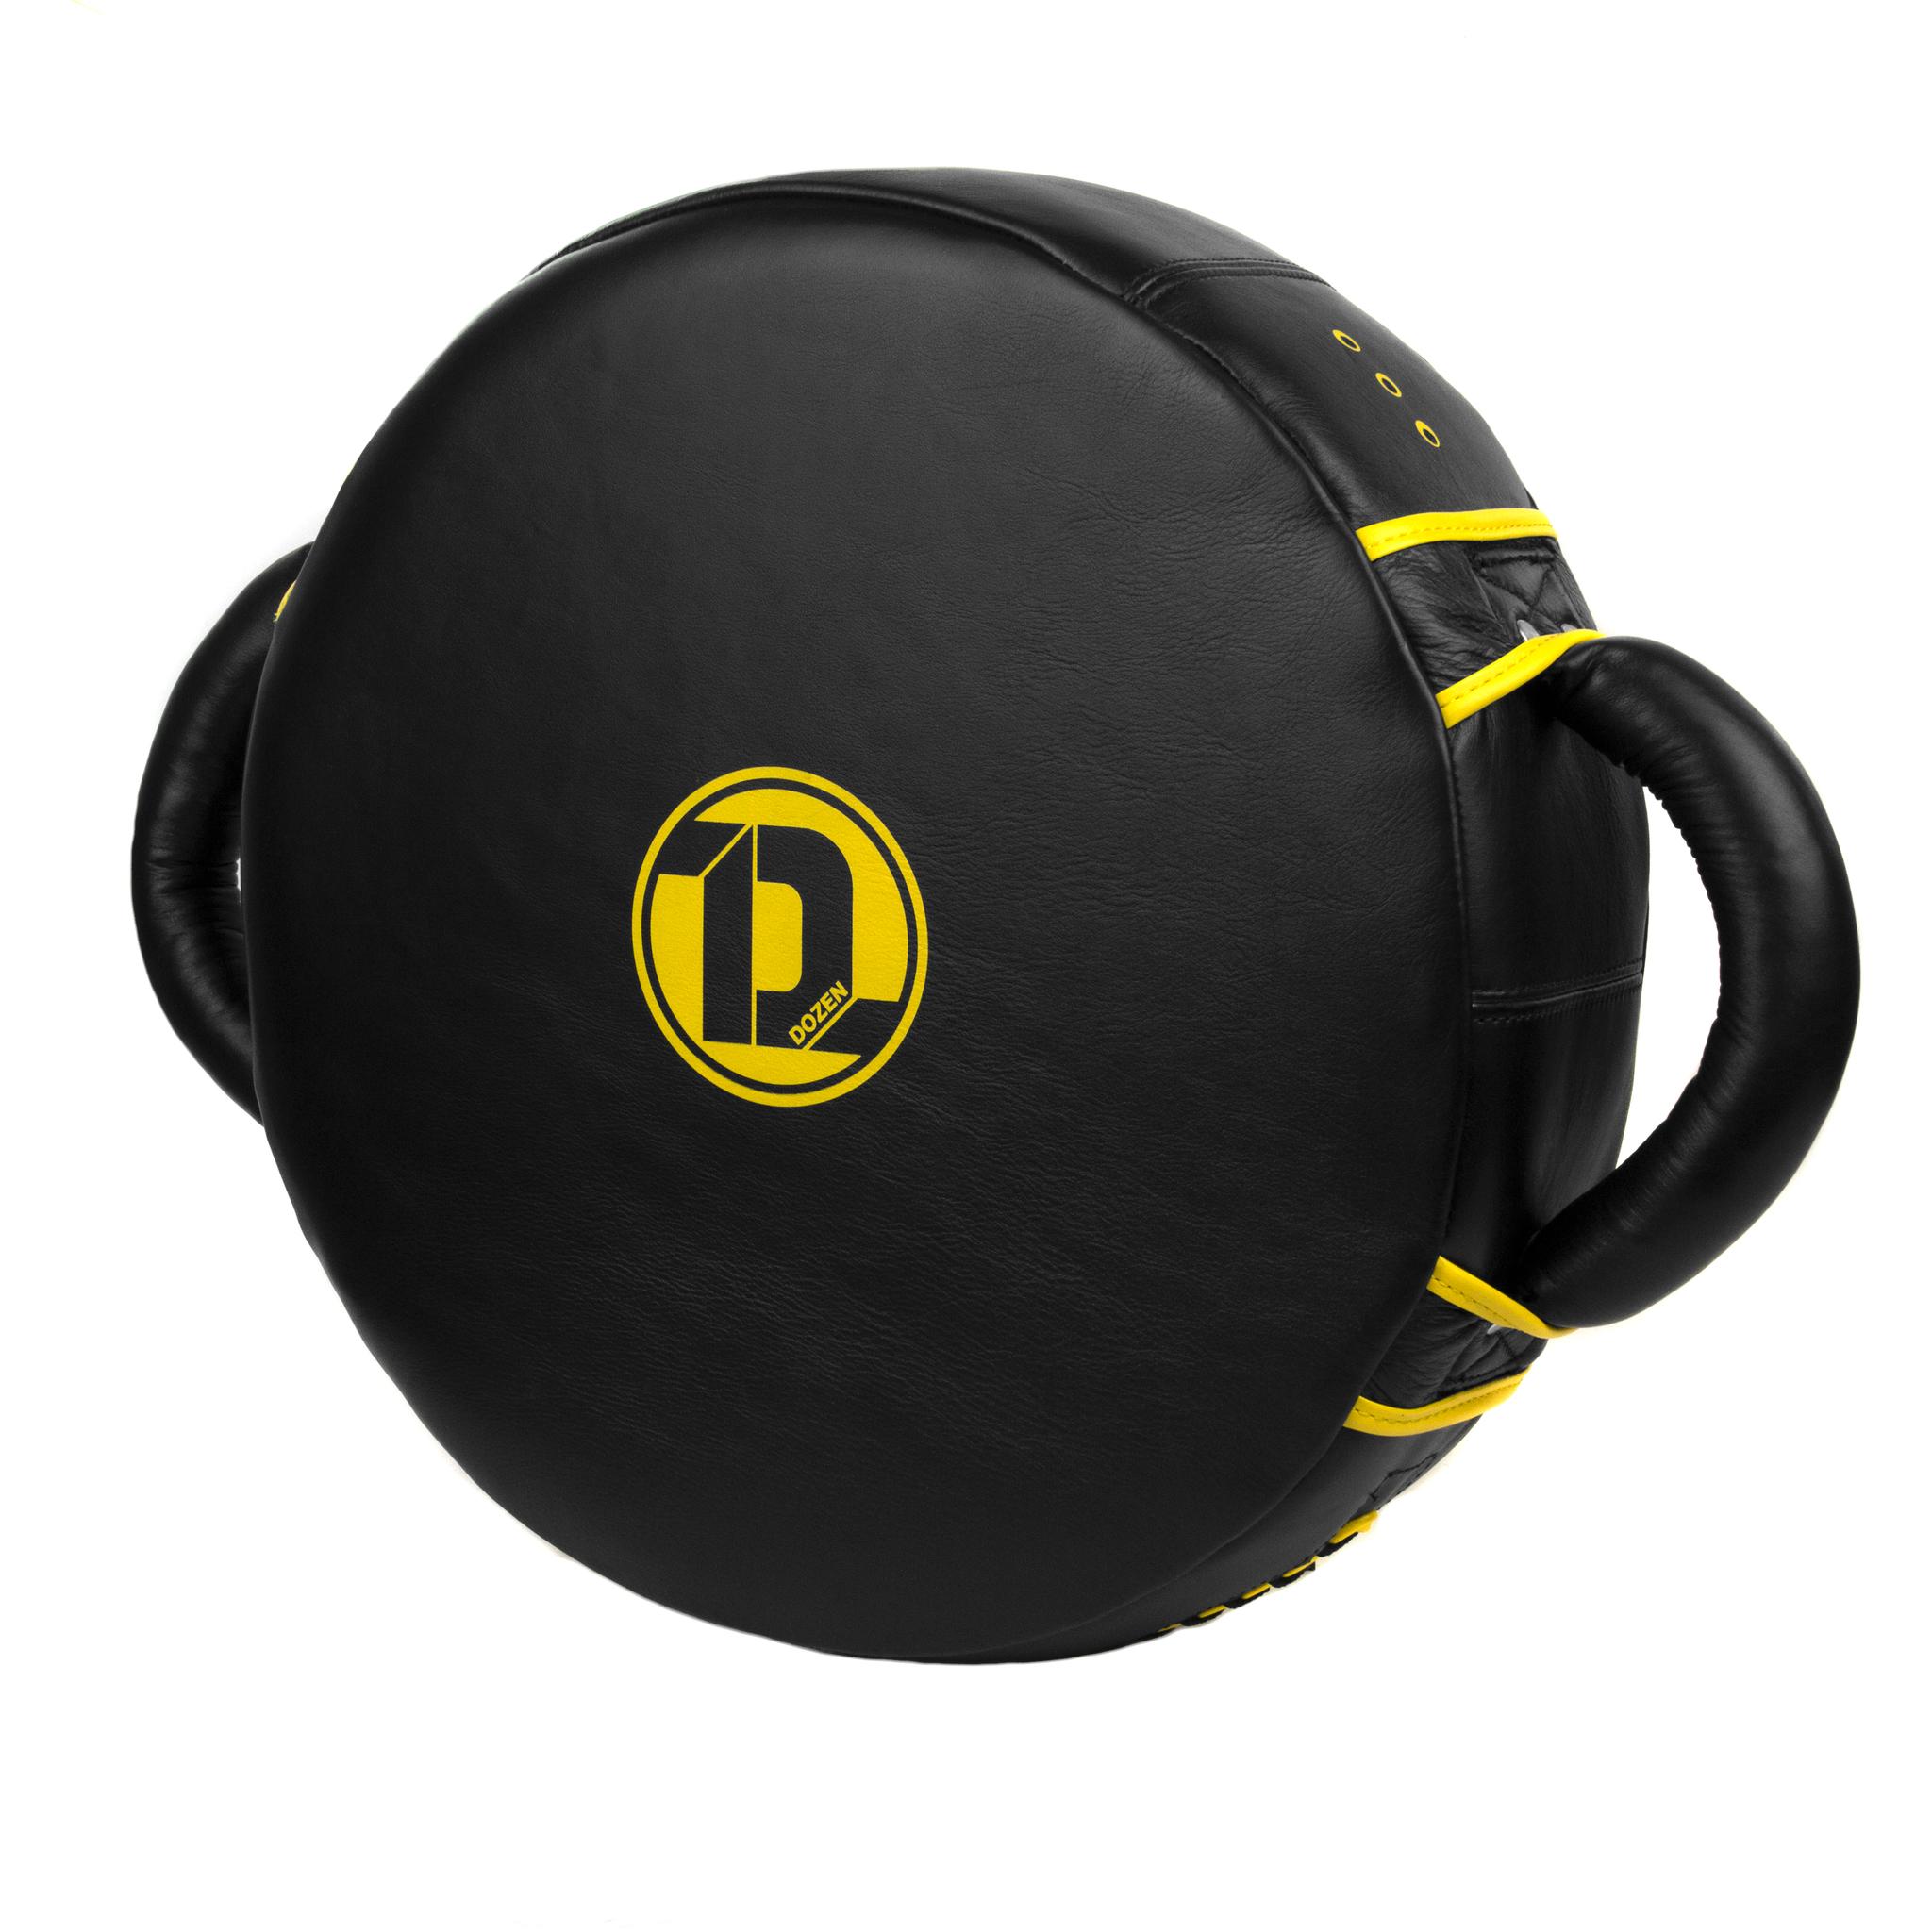 Макивара круглая Dozen Monochrome черно-желтая главный вид